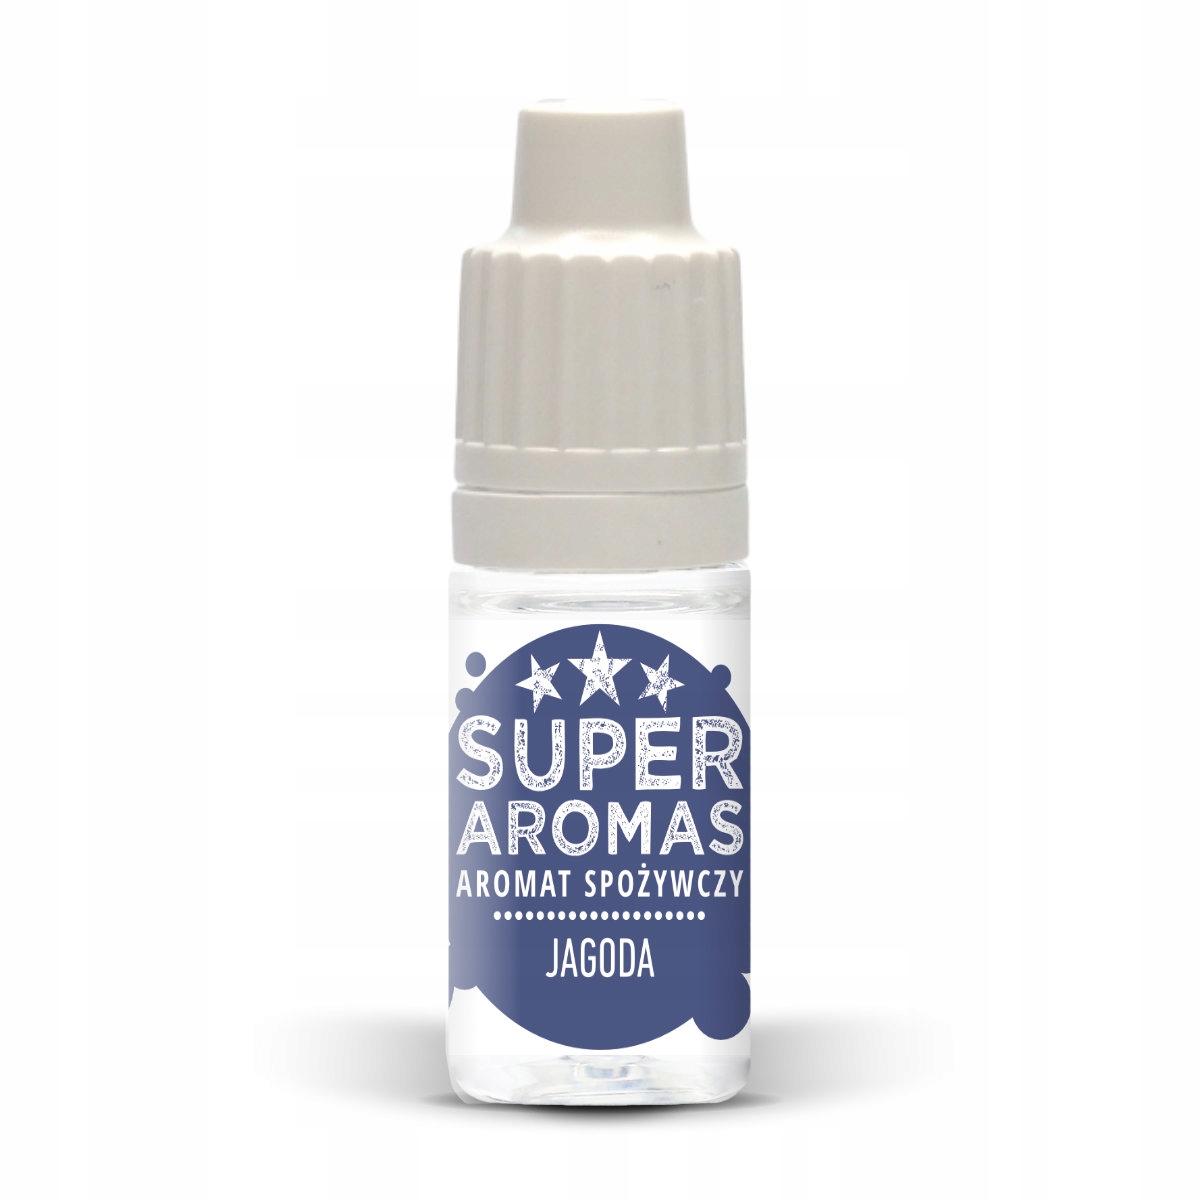 SUPER AROMAS Aromat spożywczy jagoda 10 ml